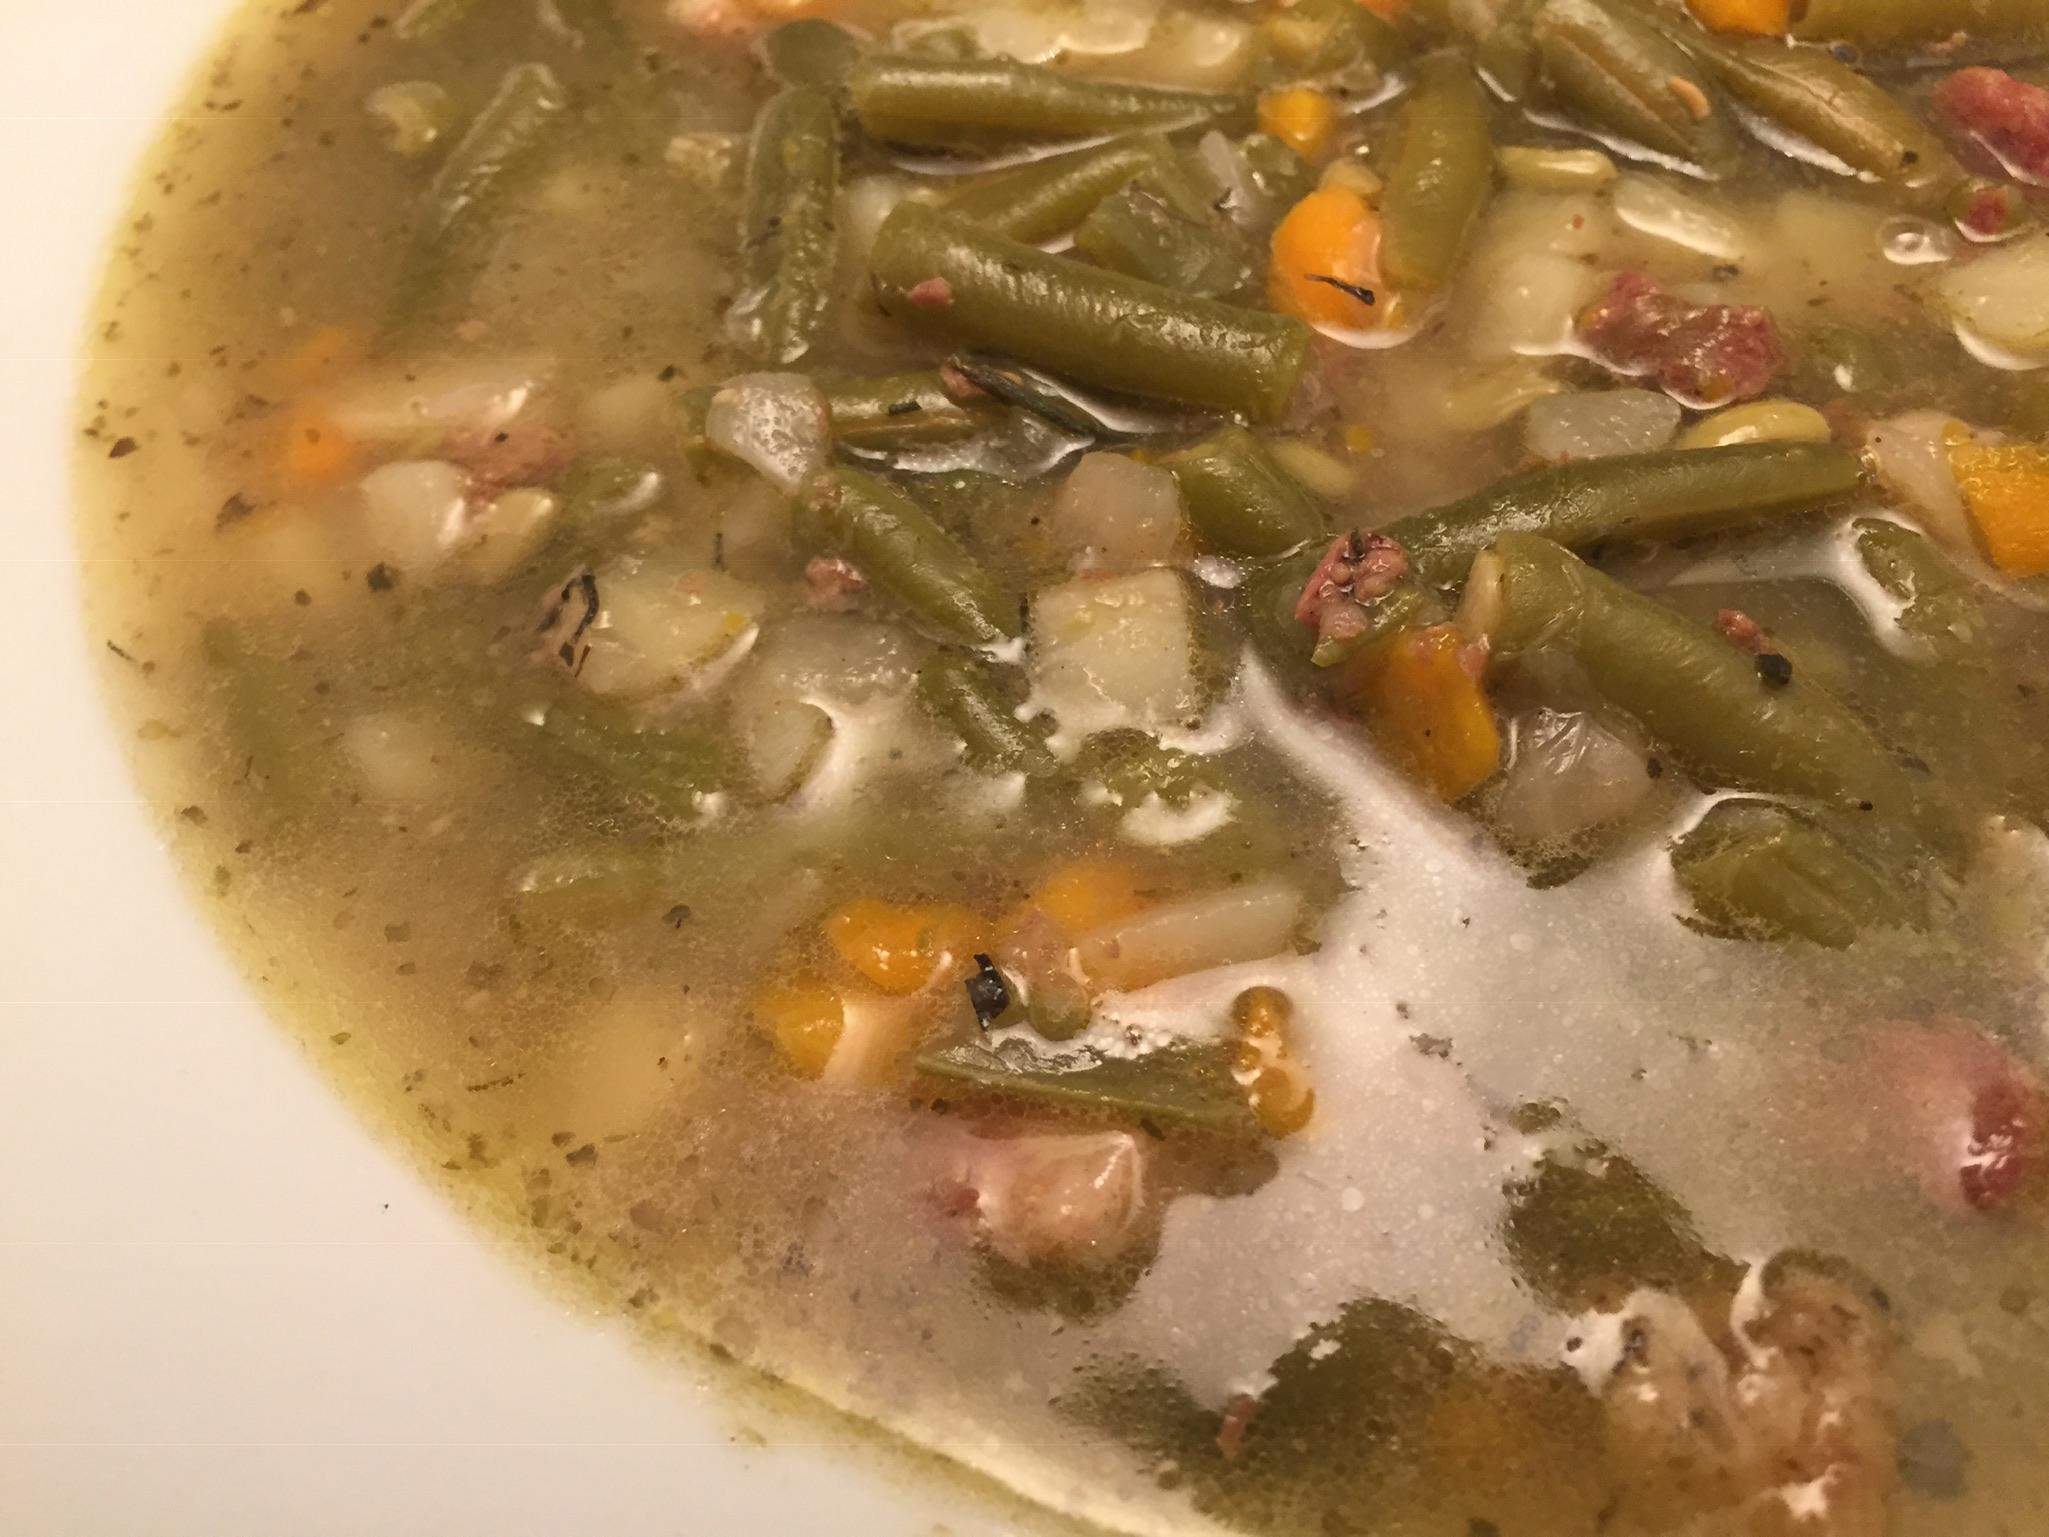 Bohnen-Eintopf mit Bauchspeck und Suppenfleisch